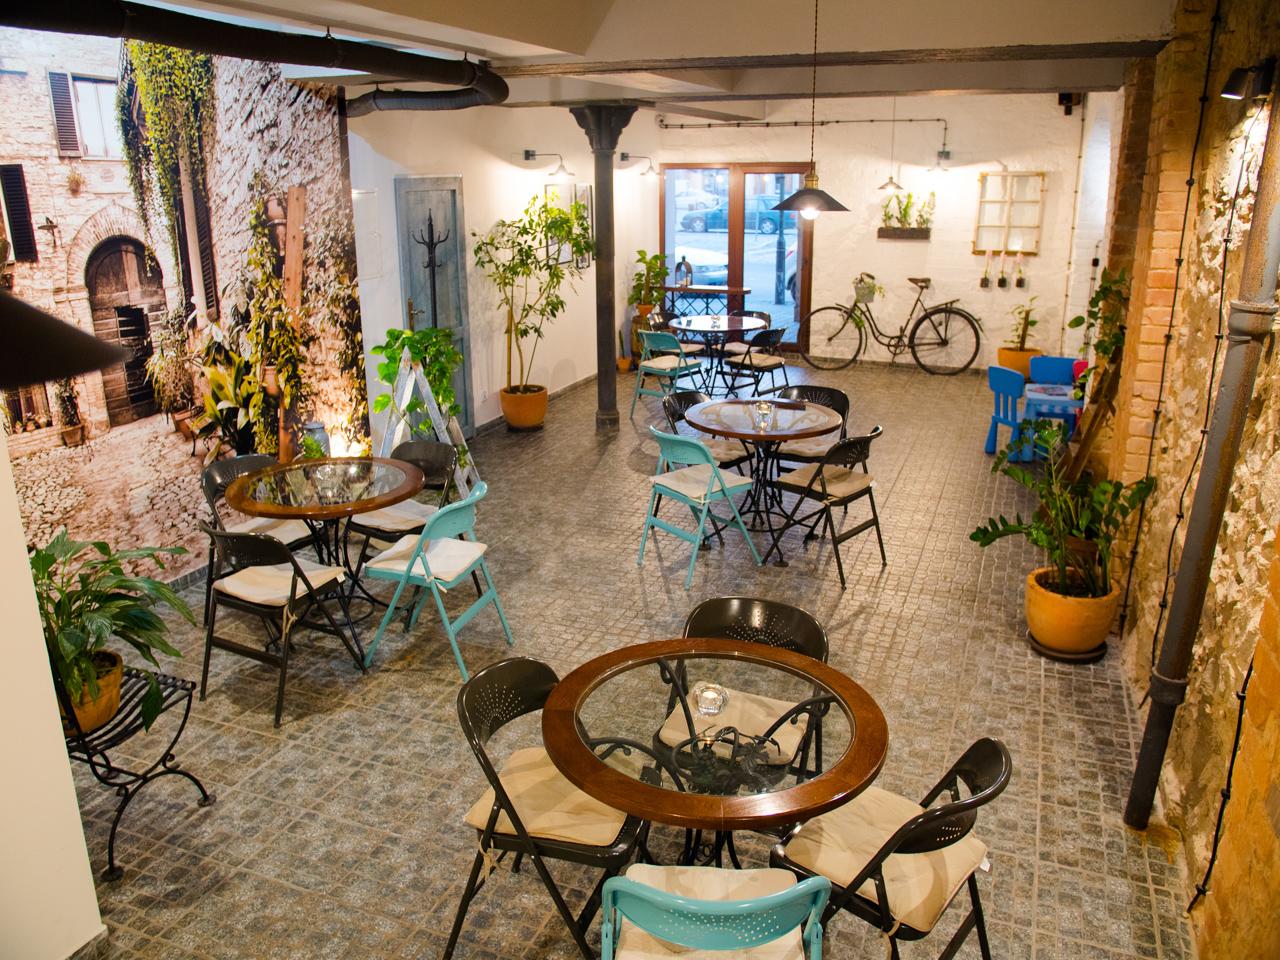 restauracja-pizzeria-coffee-street-gryfow-slaski-16